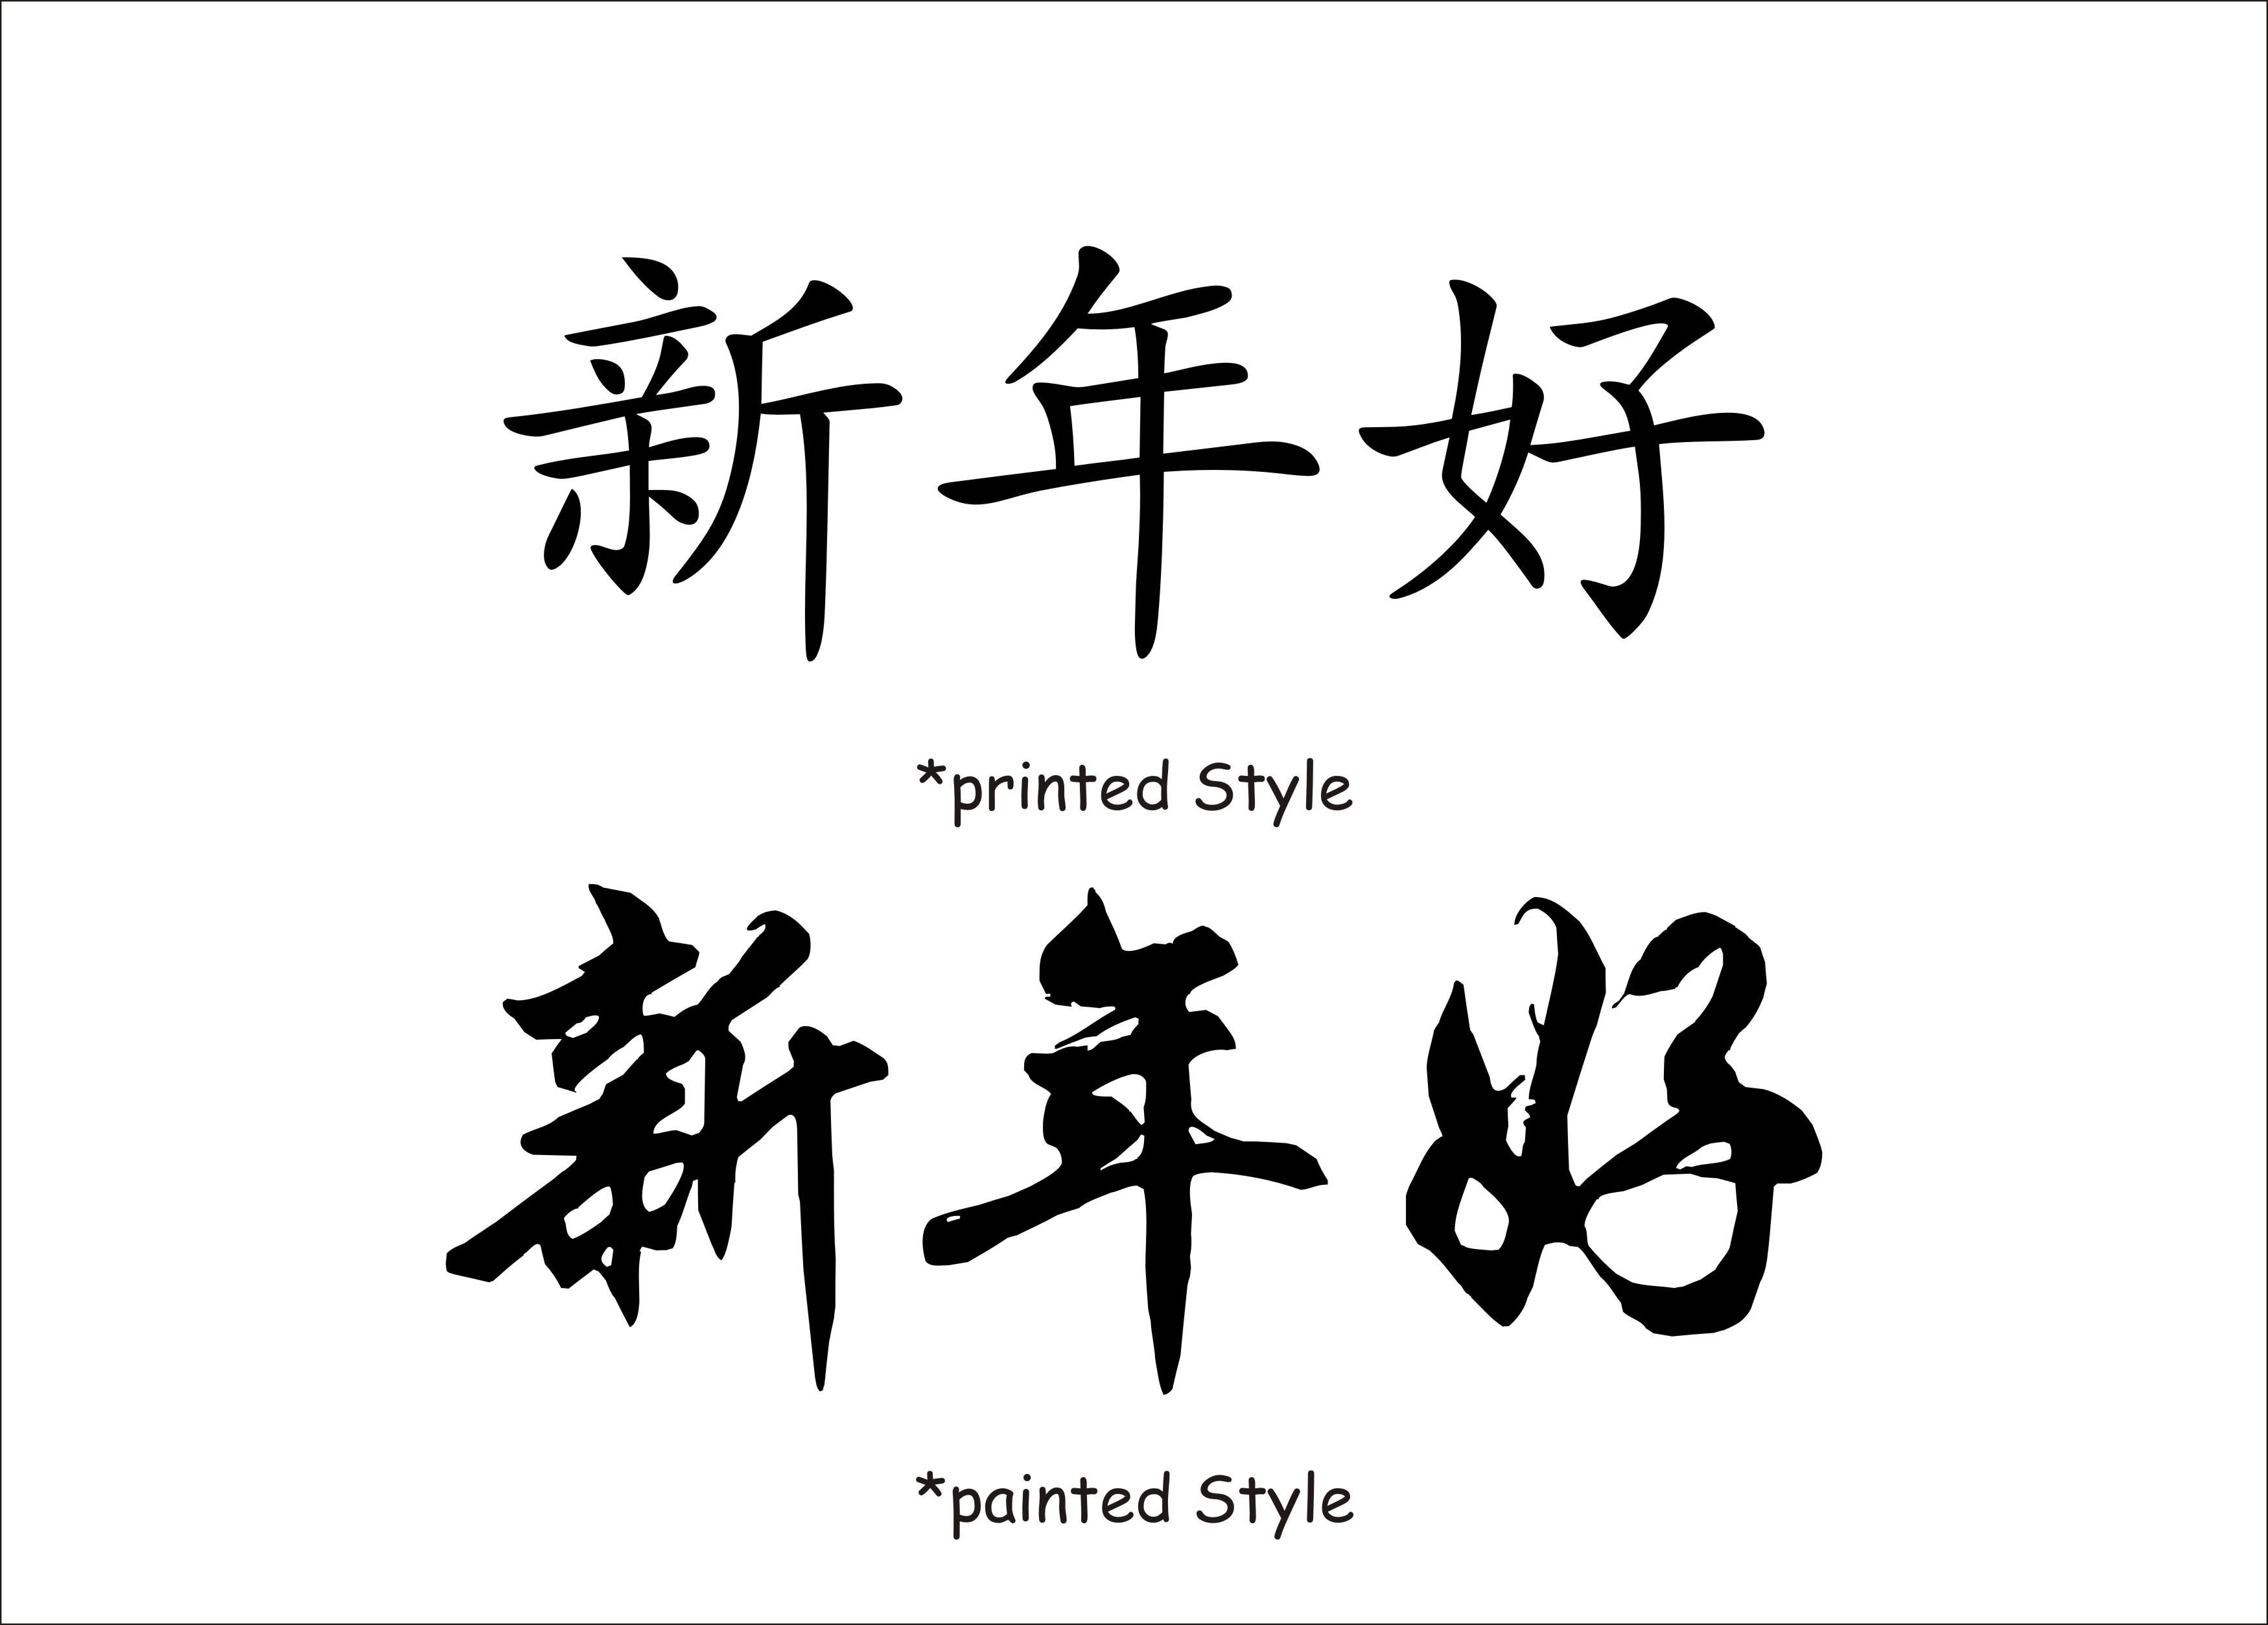 Wandtattoos4me.de - Chinesische Schriftzeichen - gutes neues Jahr